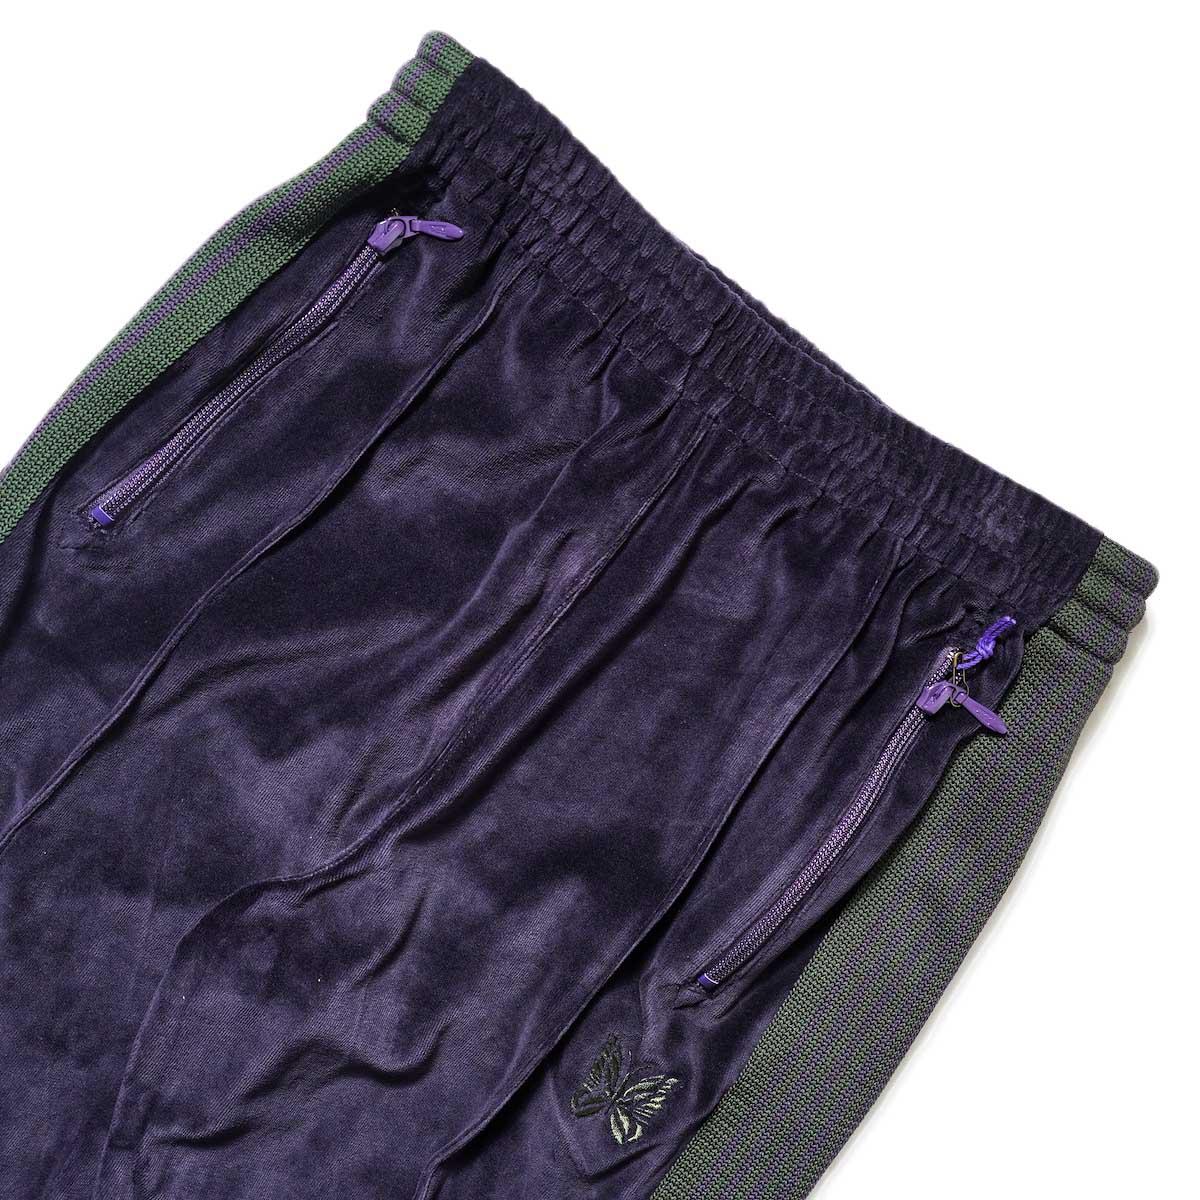 Needles / NARROW TRACK PANT - C/PE VELOUR (Eggplant)ウエスト